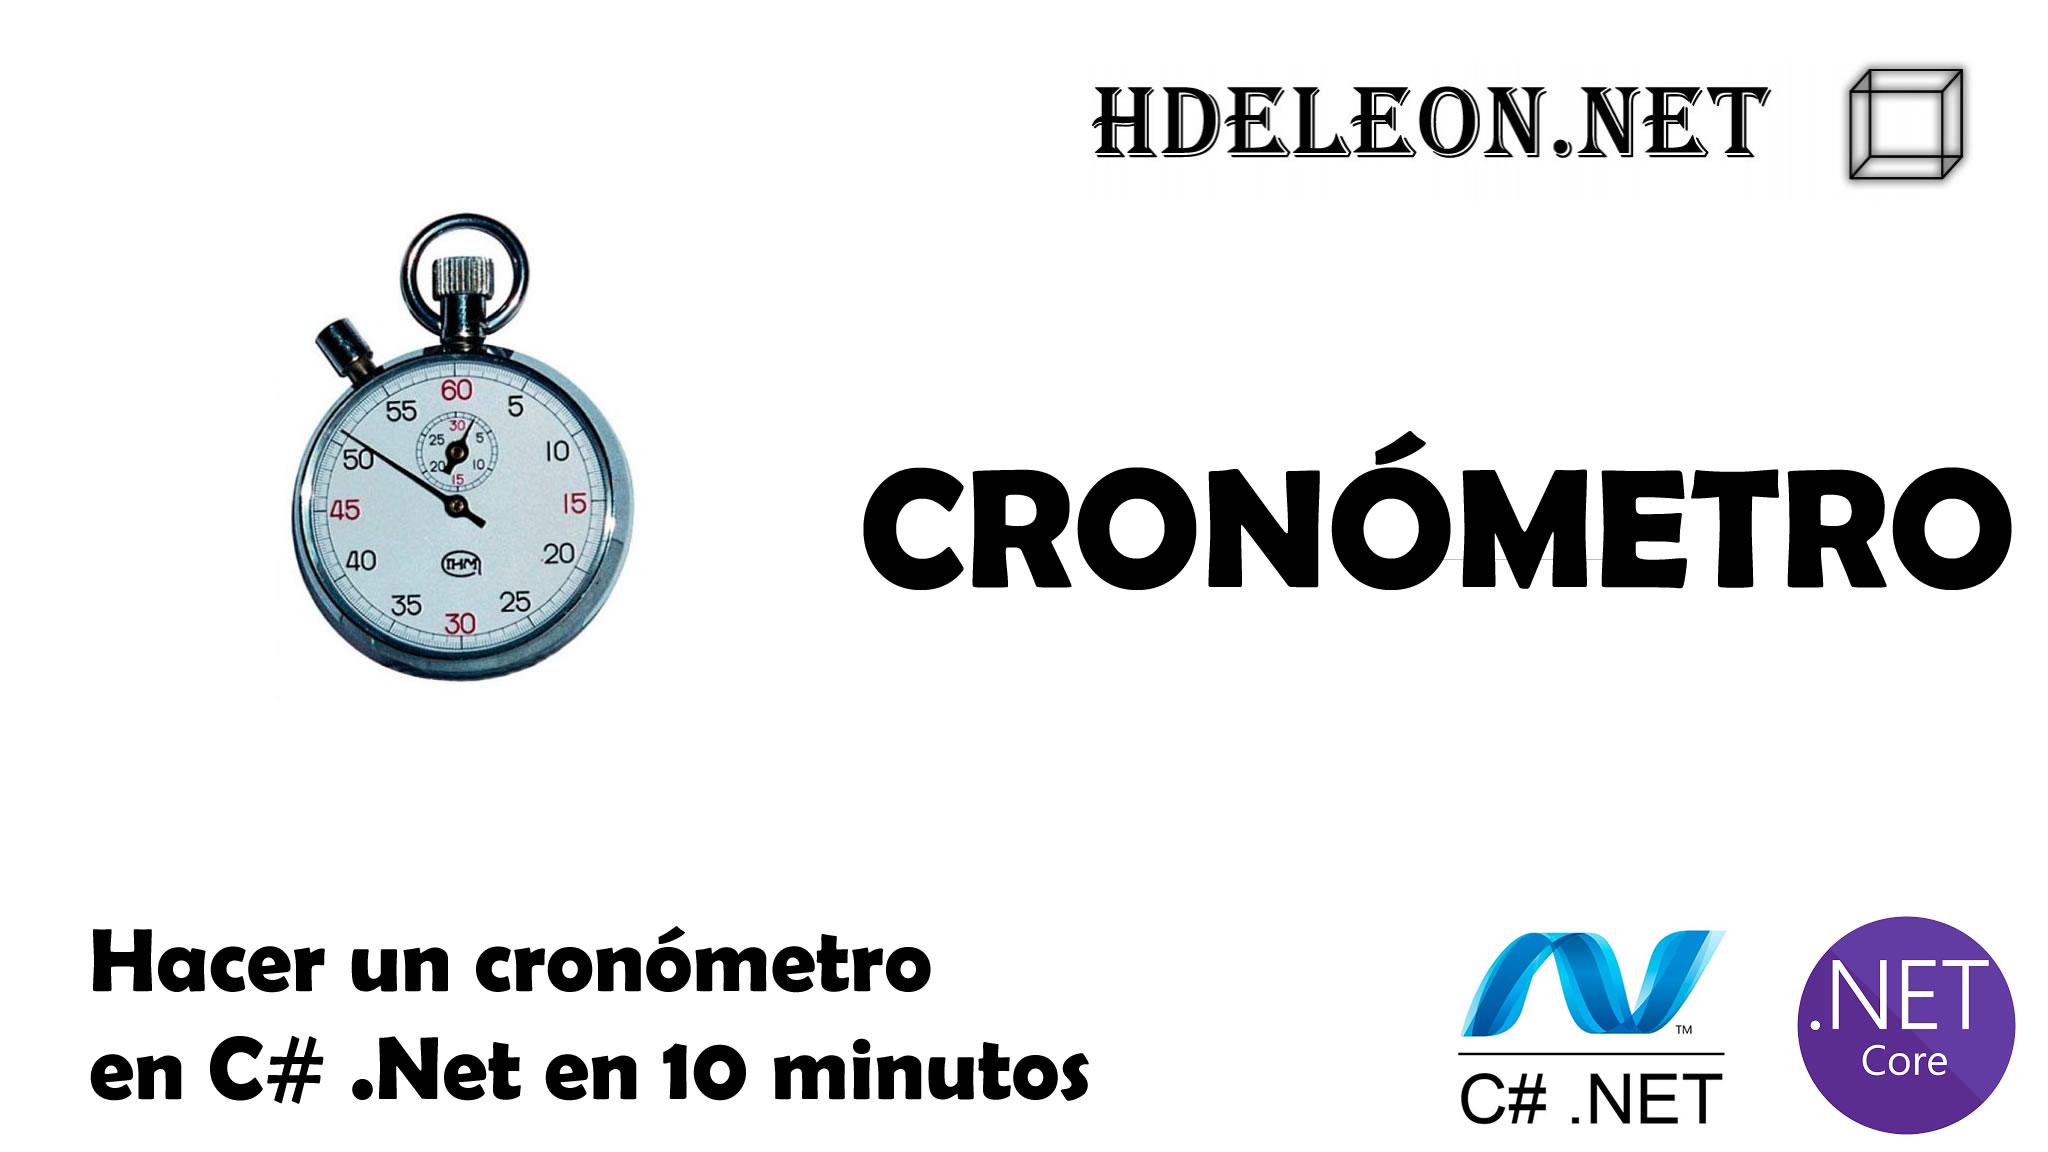 Hacer un cronómetro en C# .Net en 10 minutos, Windows forms, Stopwatch